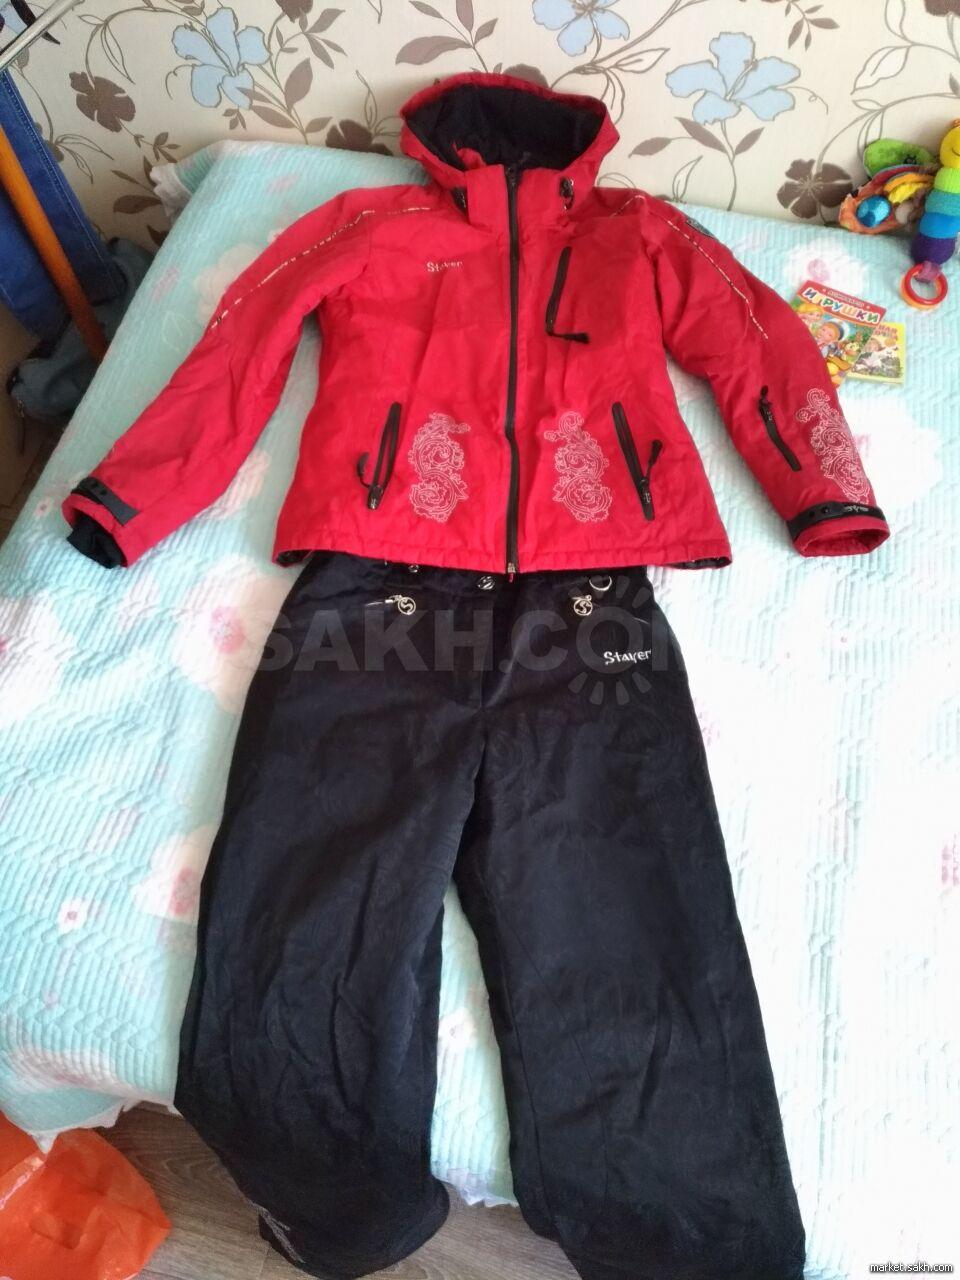 ec63b838b0ab Продам лыжный костюм - 1000 руб. Одежда, обувь и аксессуары. Женская ...